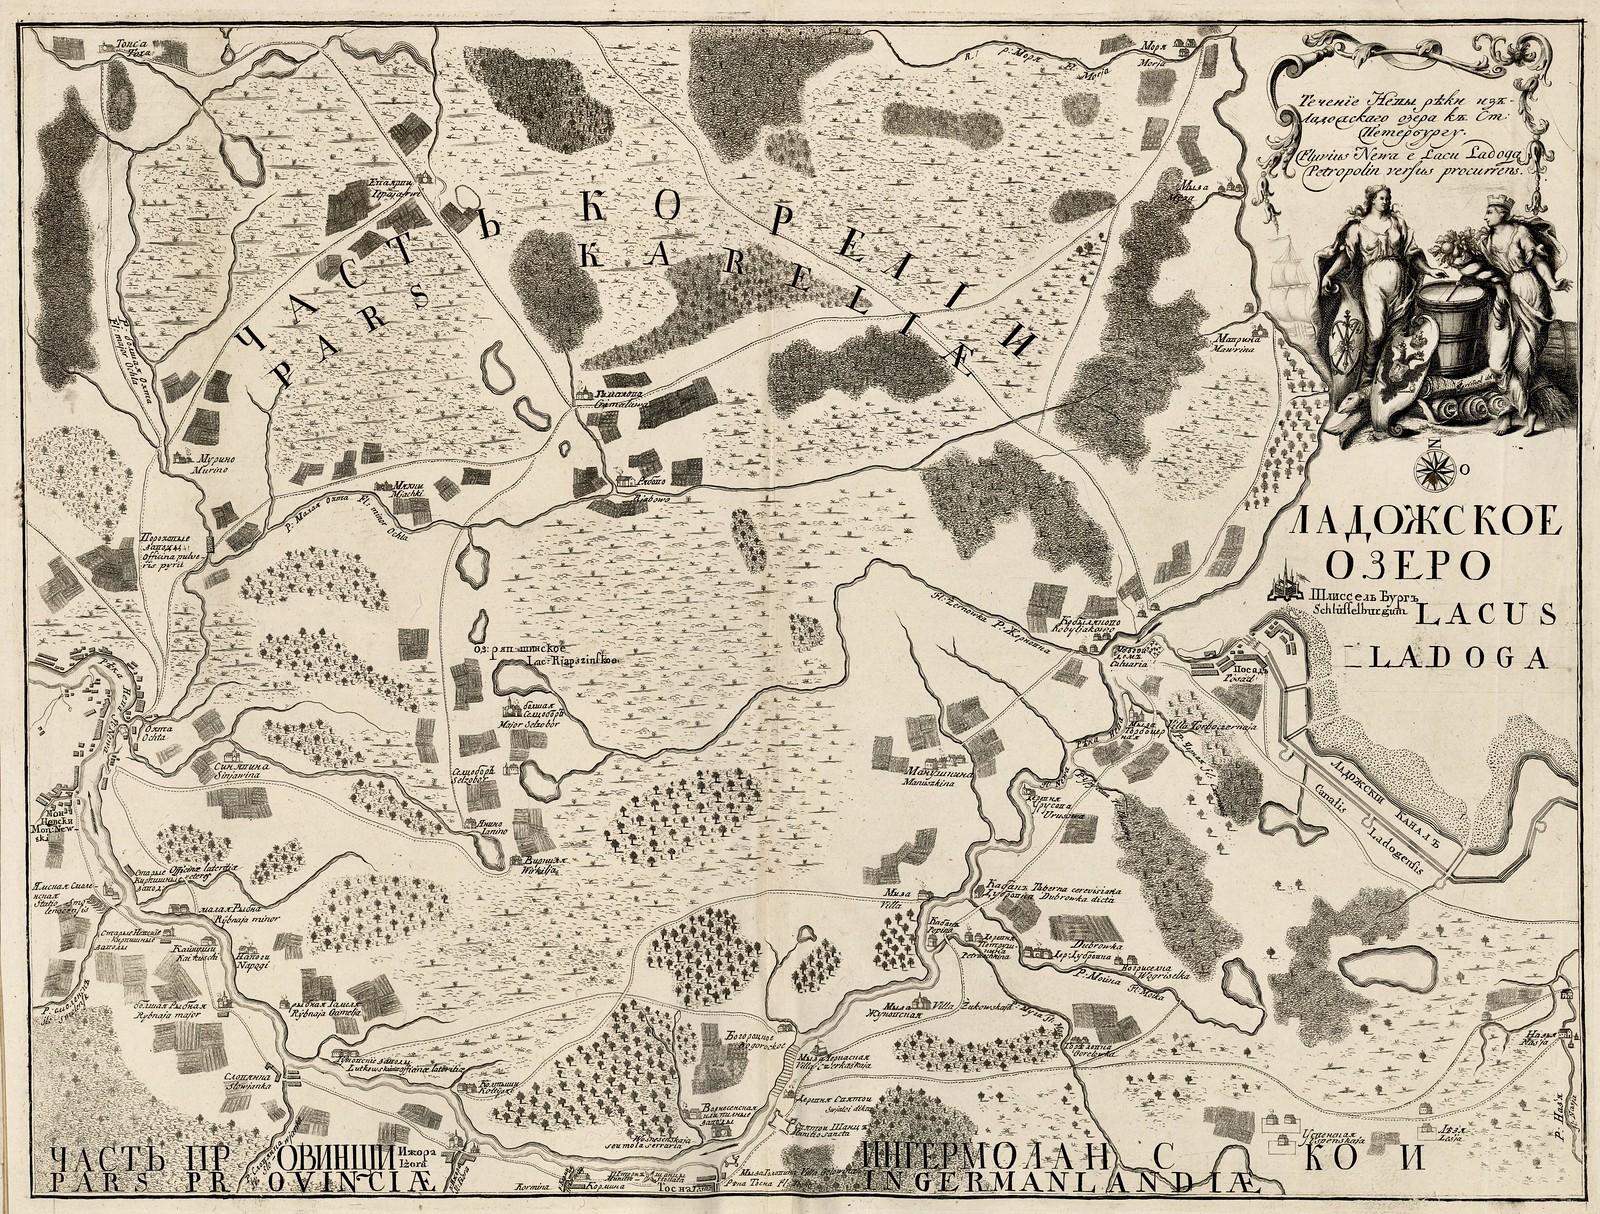 1730-1750. Течение Невы реки из Ладожского озера к Ст. Петербургу